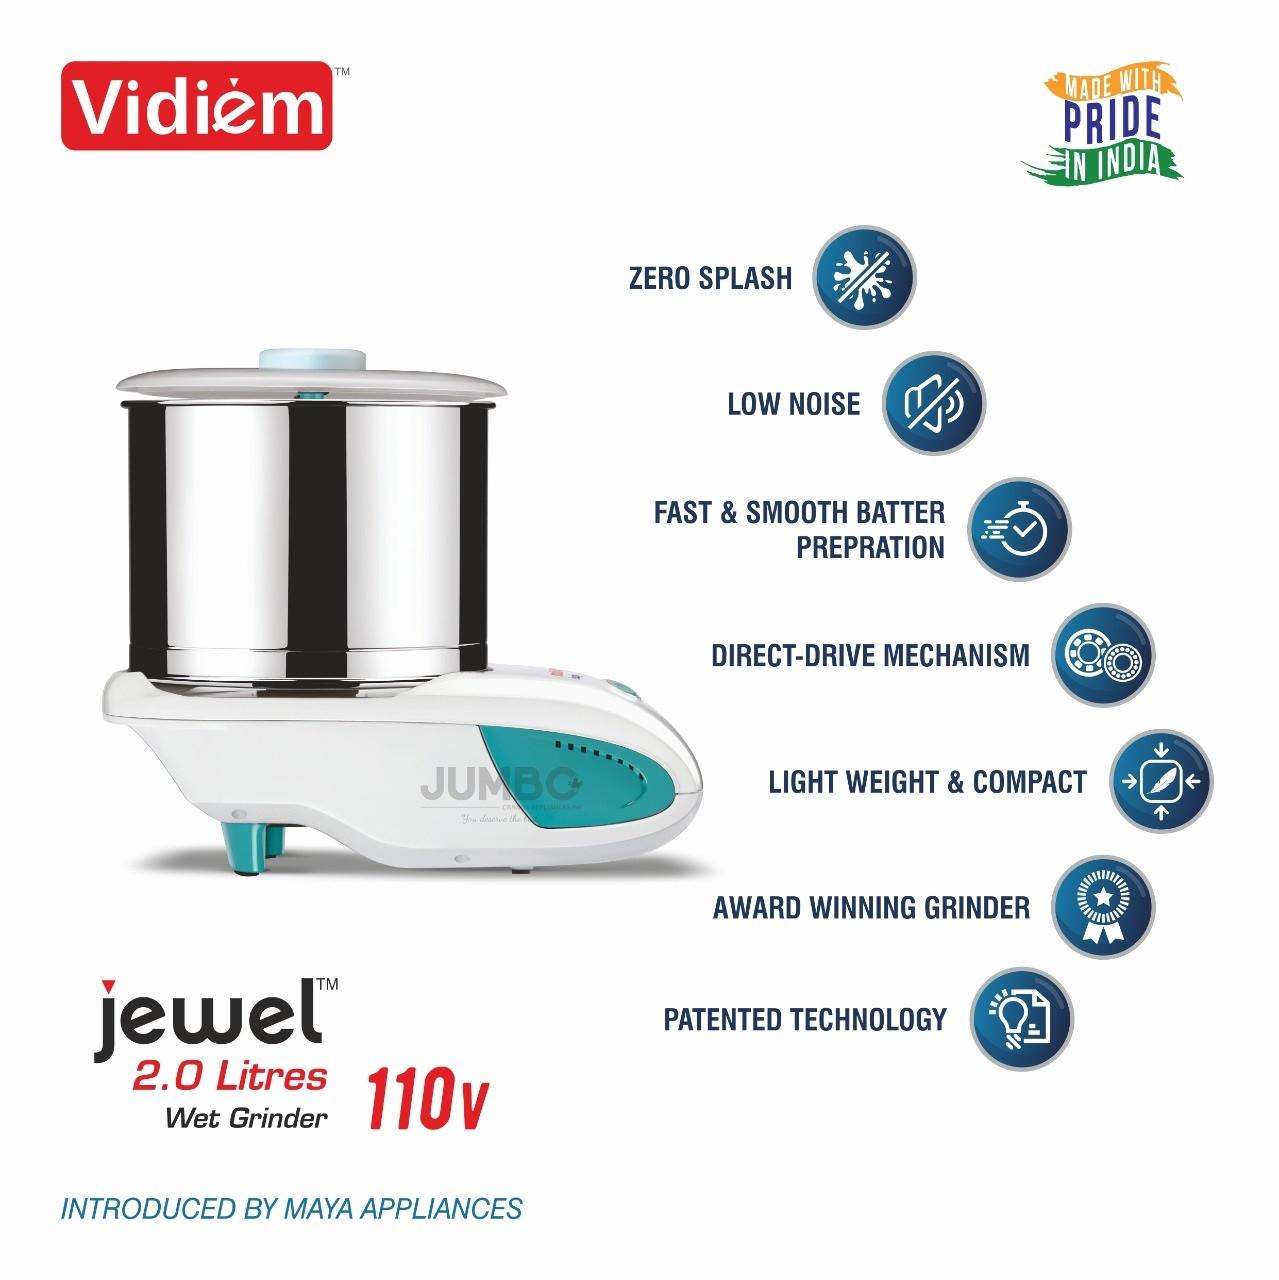 vidiem-jewel-st-2-liter-wet-grinder-stainless-steel-drum-stone-rollers-110-volt